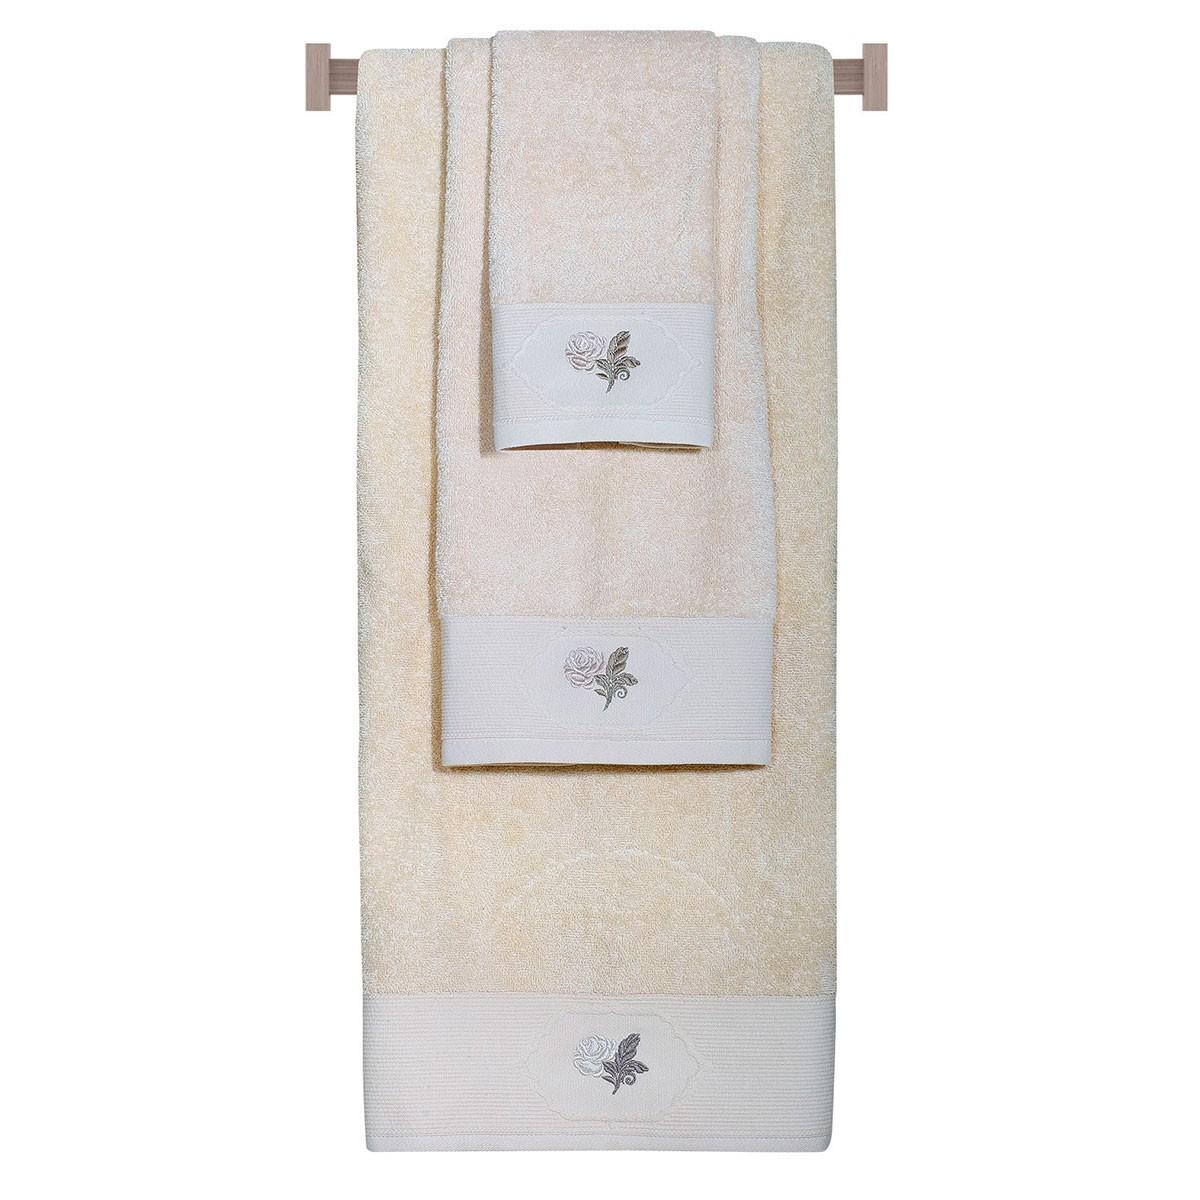 Πετσέτες Μπάνιου (Σετ 3τμχ) Das Home Happy 301